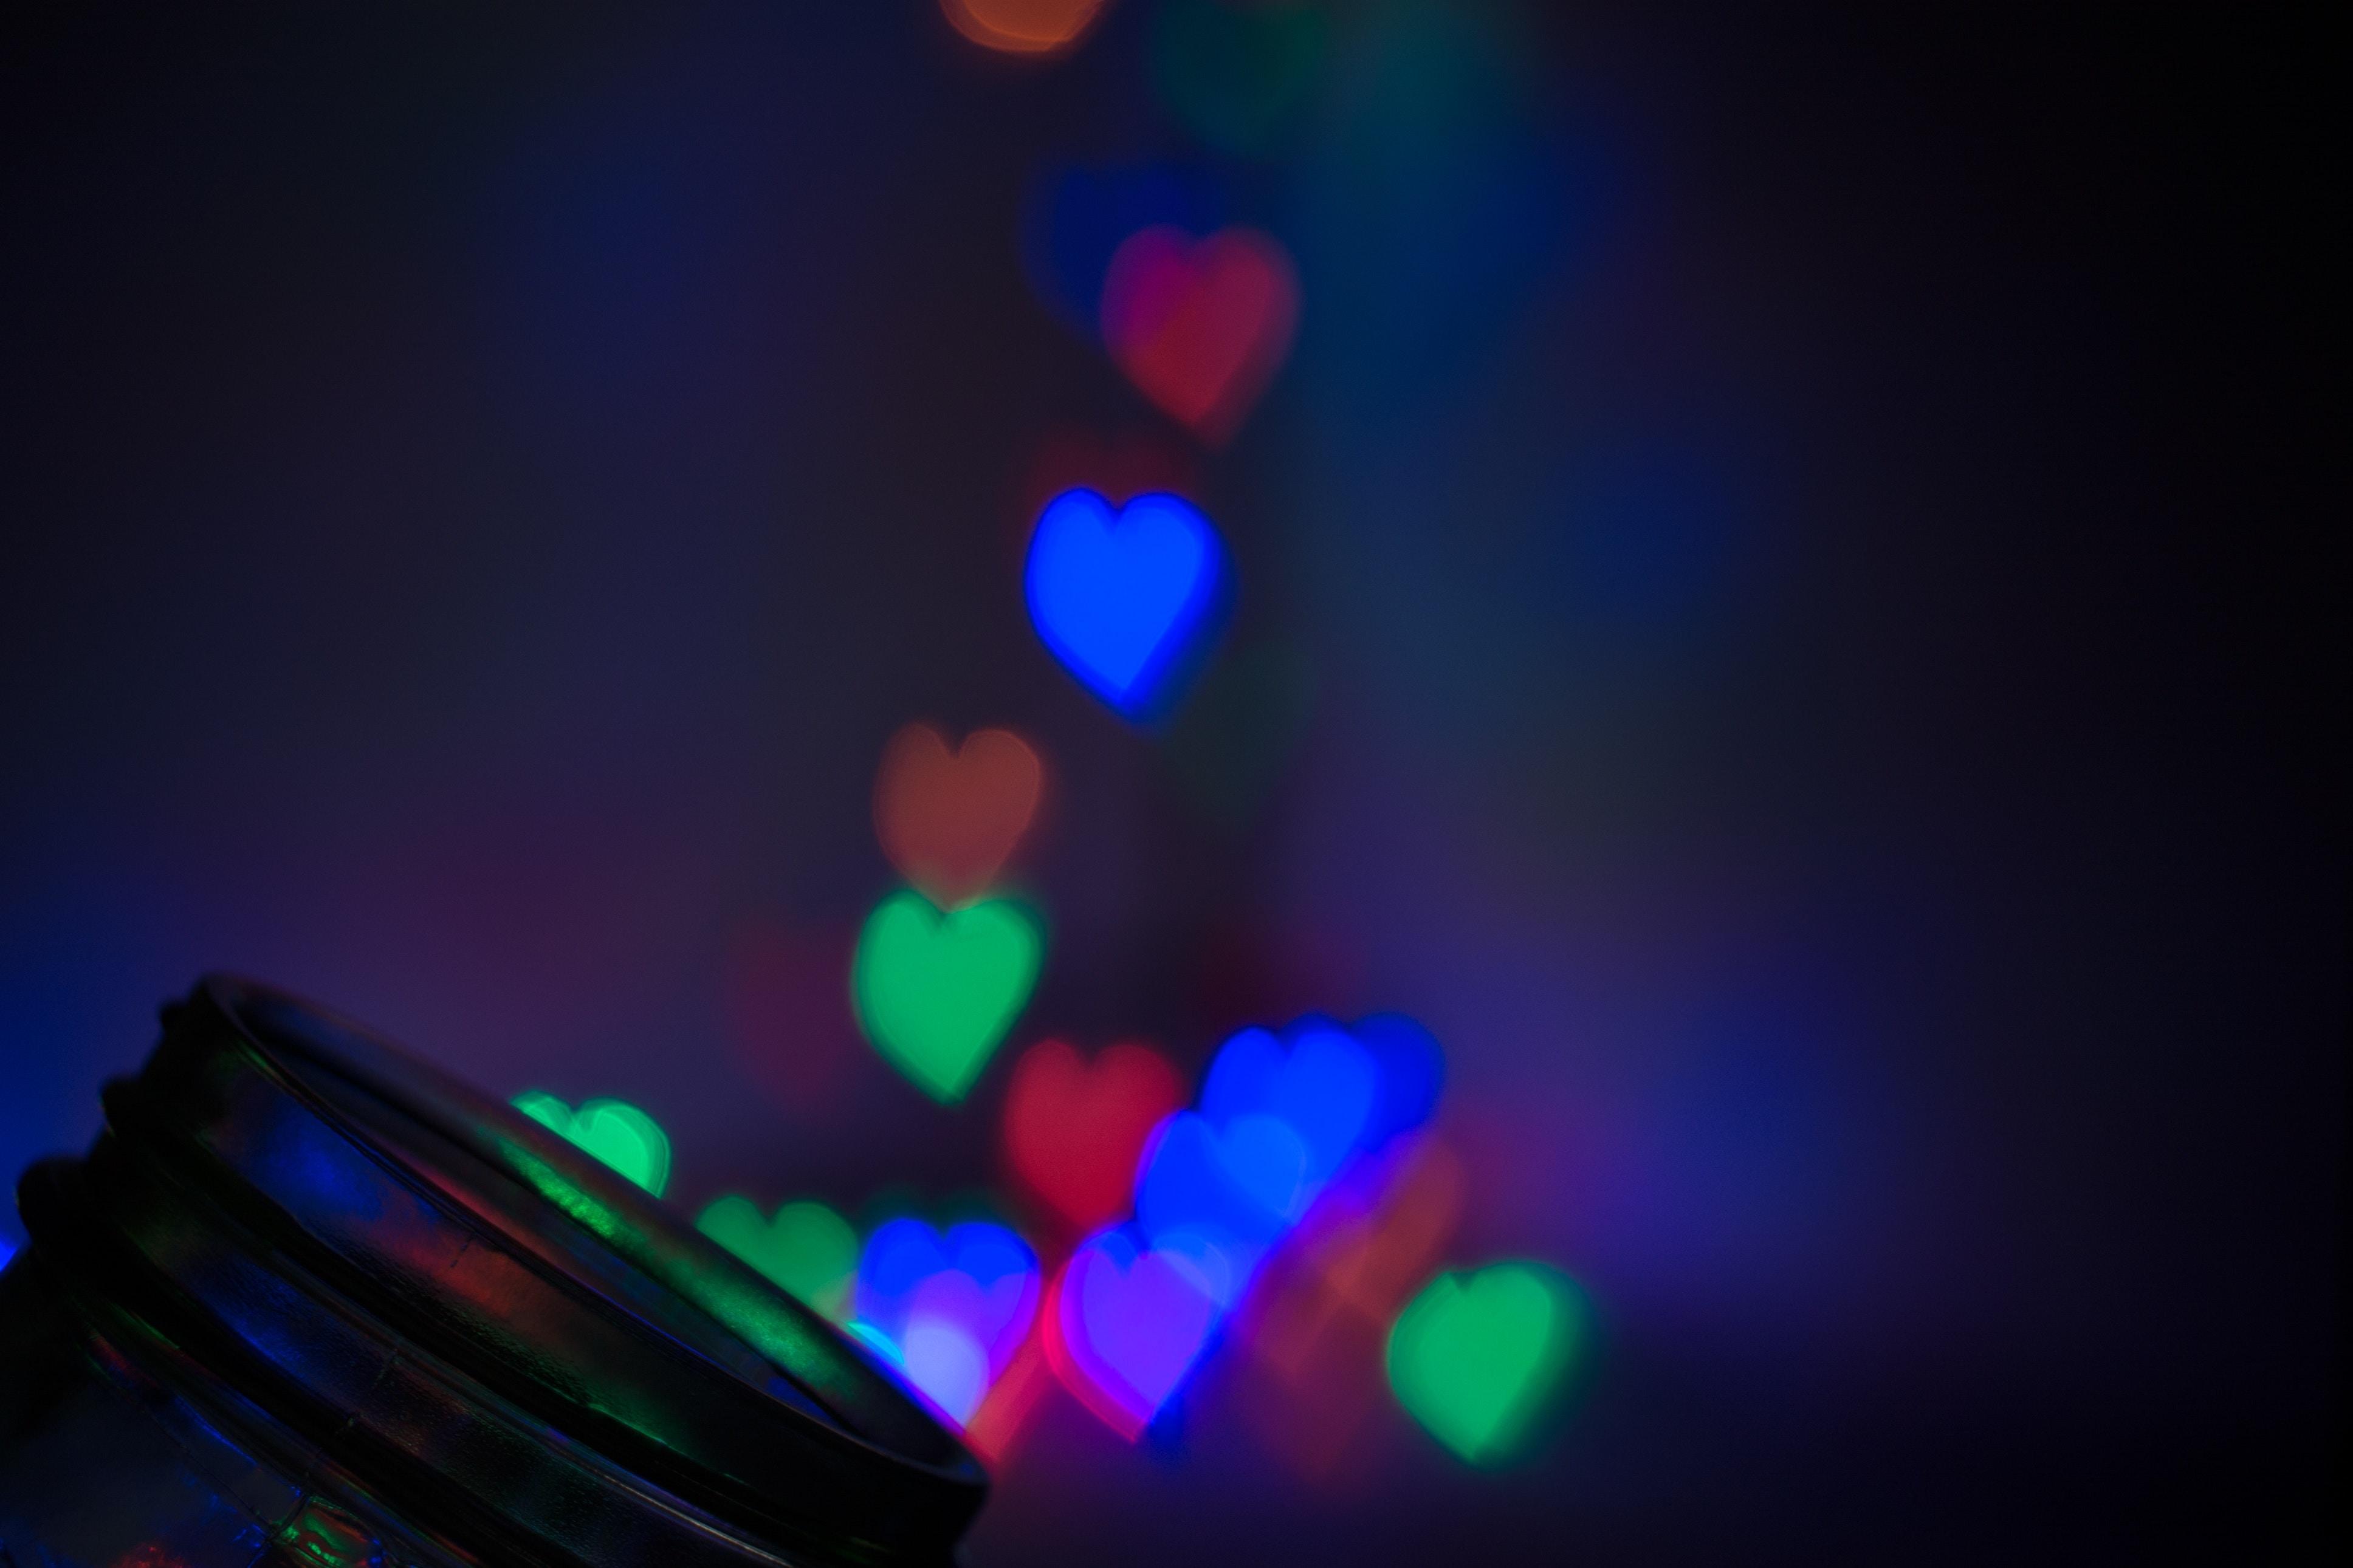 heart-shaped bokeh photography